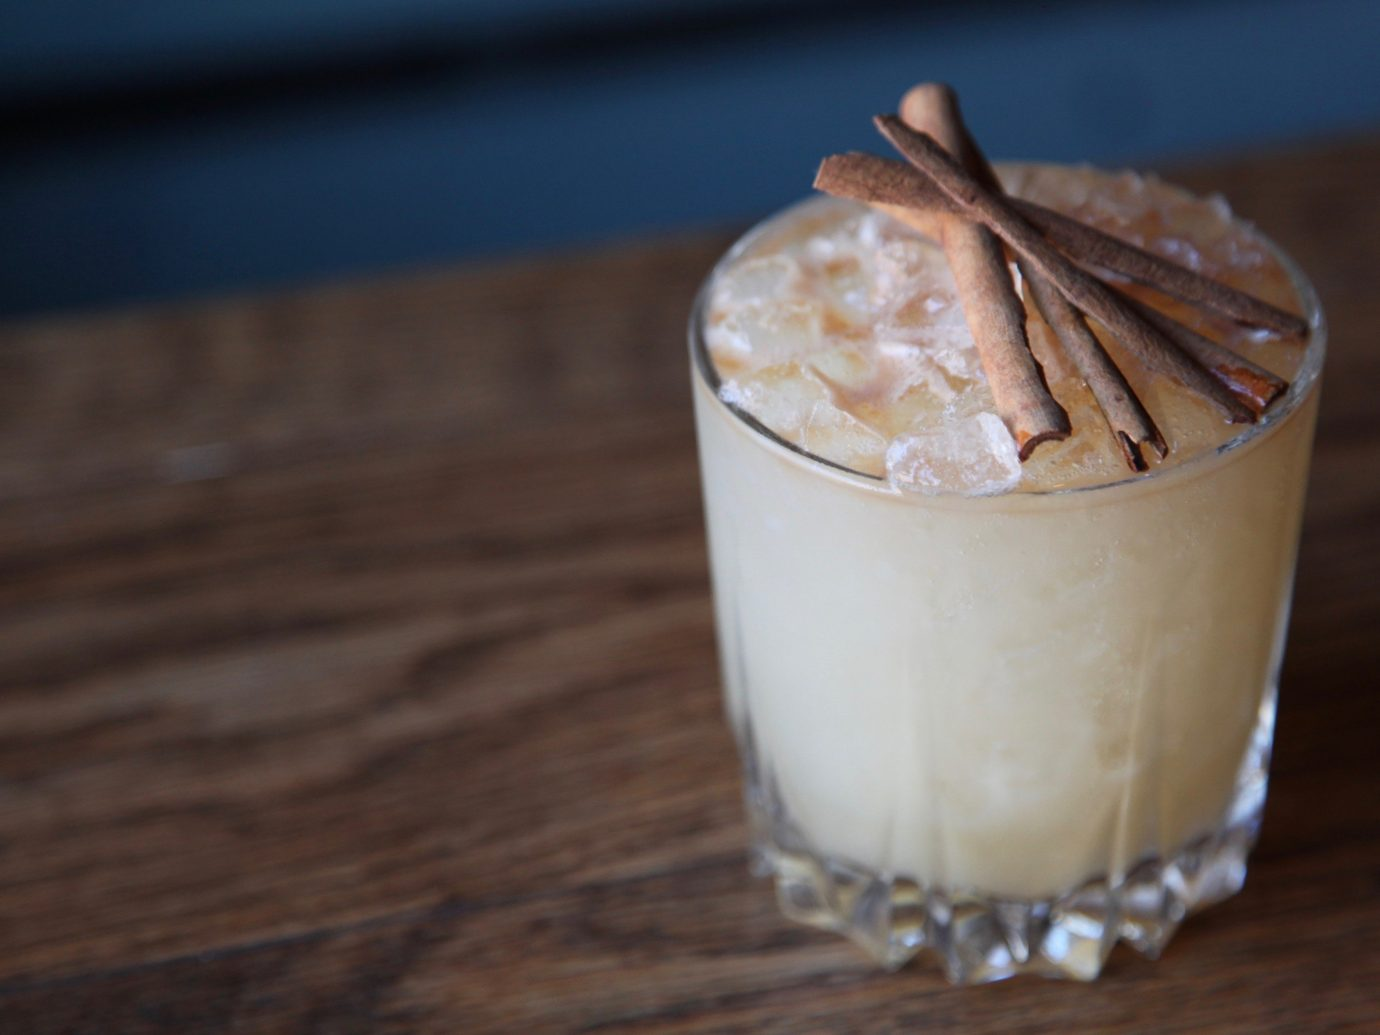 Food + Drink cup table coffee indoor food Drink milkshake dessert coconut flavor latte dairy product sliced